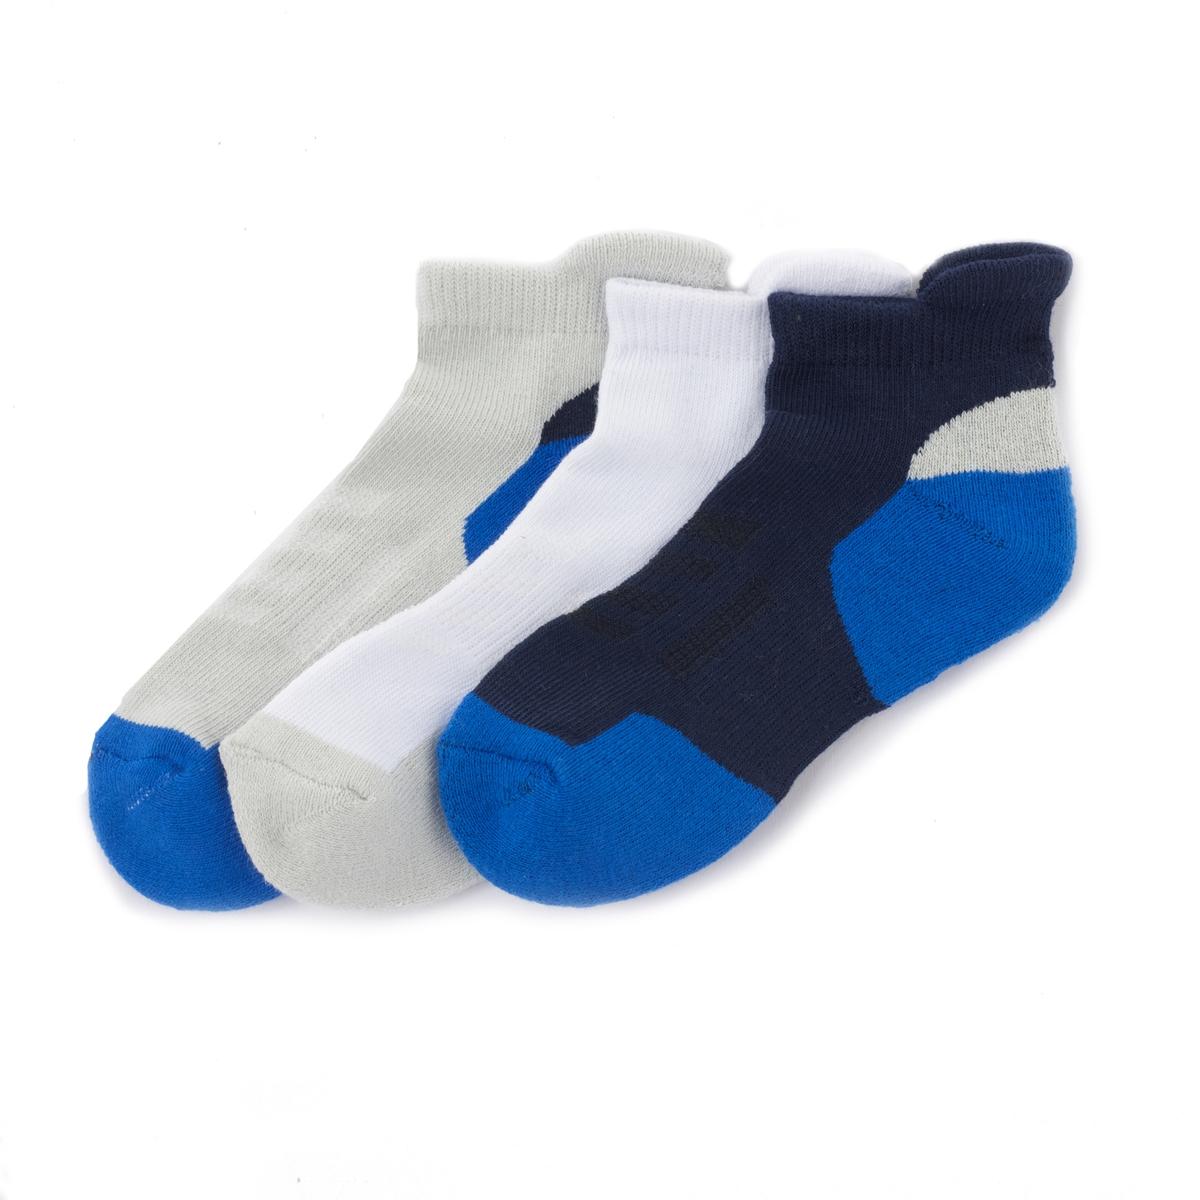 Носки спортивные 3 шт.Описание:Удобные и высококачественные короткие носки с подошвой из малой пряжи специально созданы для занятий спортом .Состав и уход •  Темно-синяя расцветка : 59% полиэстера, 38% хлопка, 2% эластодиена, 1% эластана  •  Белая расцветка : 60% полиэстера, 37% хлопка, 2% эластодиена, 1% эластана  •  Серая расцветка : 73% хлопка, 24% полиэстера, 2% эластодиена, 1% эластана   •  Стирать при 30° с вещами схожих цветов •  Допускается чистка любыми растворителями / отбеливание запрещено •  Не использовать барабанную сушку •  Низкая температура глажкиЭластичная полоска сверху обеспечивает хорошую посадку .<br><br>Цвет: синий<br>Размер: 39/42.35/38.27/30